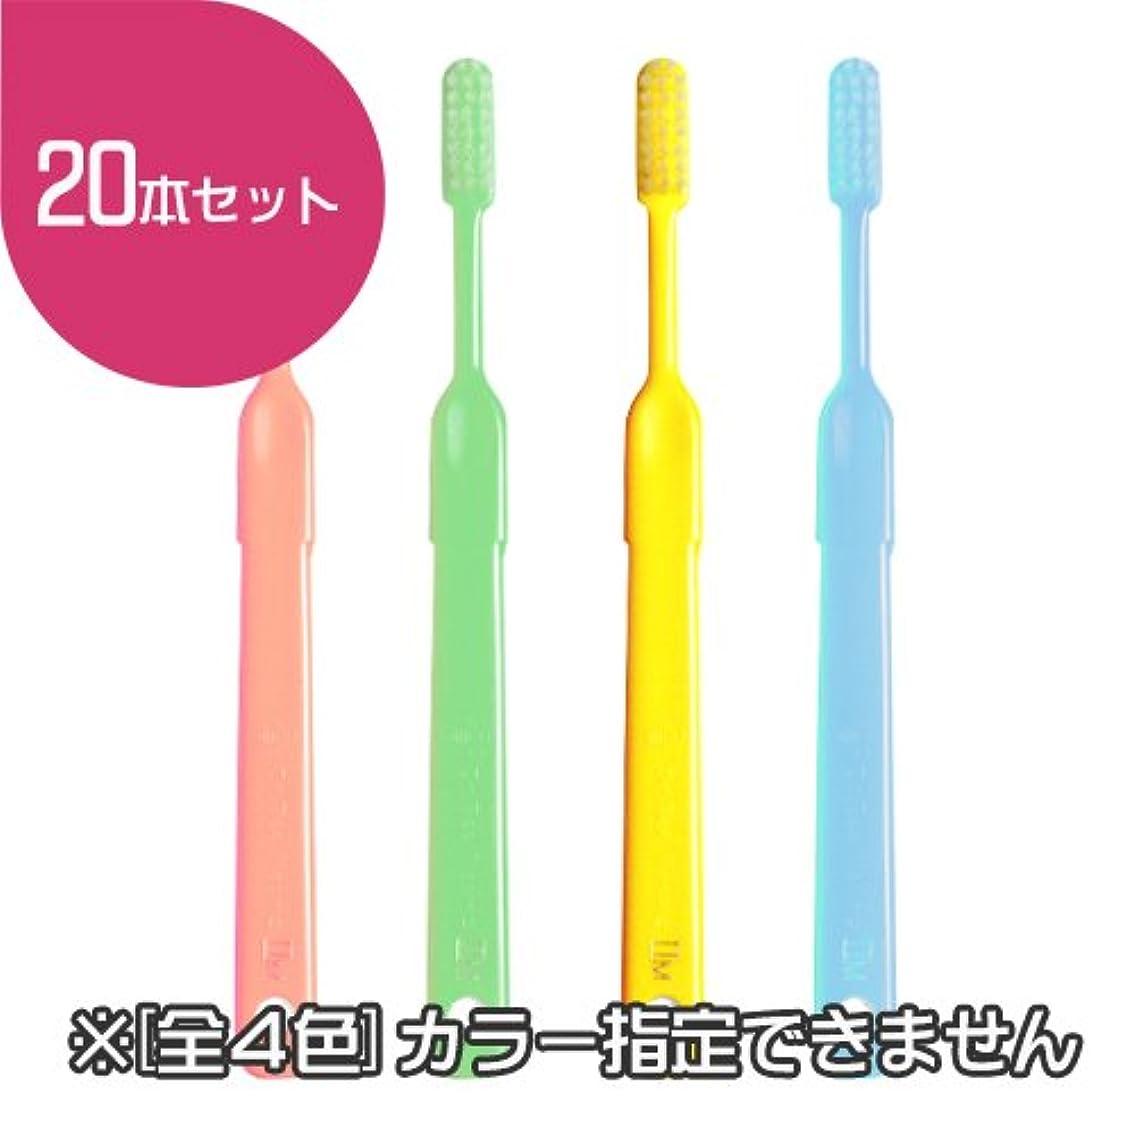 形ディレクトリ早いビーブランド ドクター ビーヤング2 歯ブラシ 20本 (ミディアム)